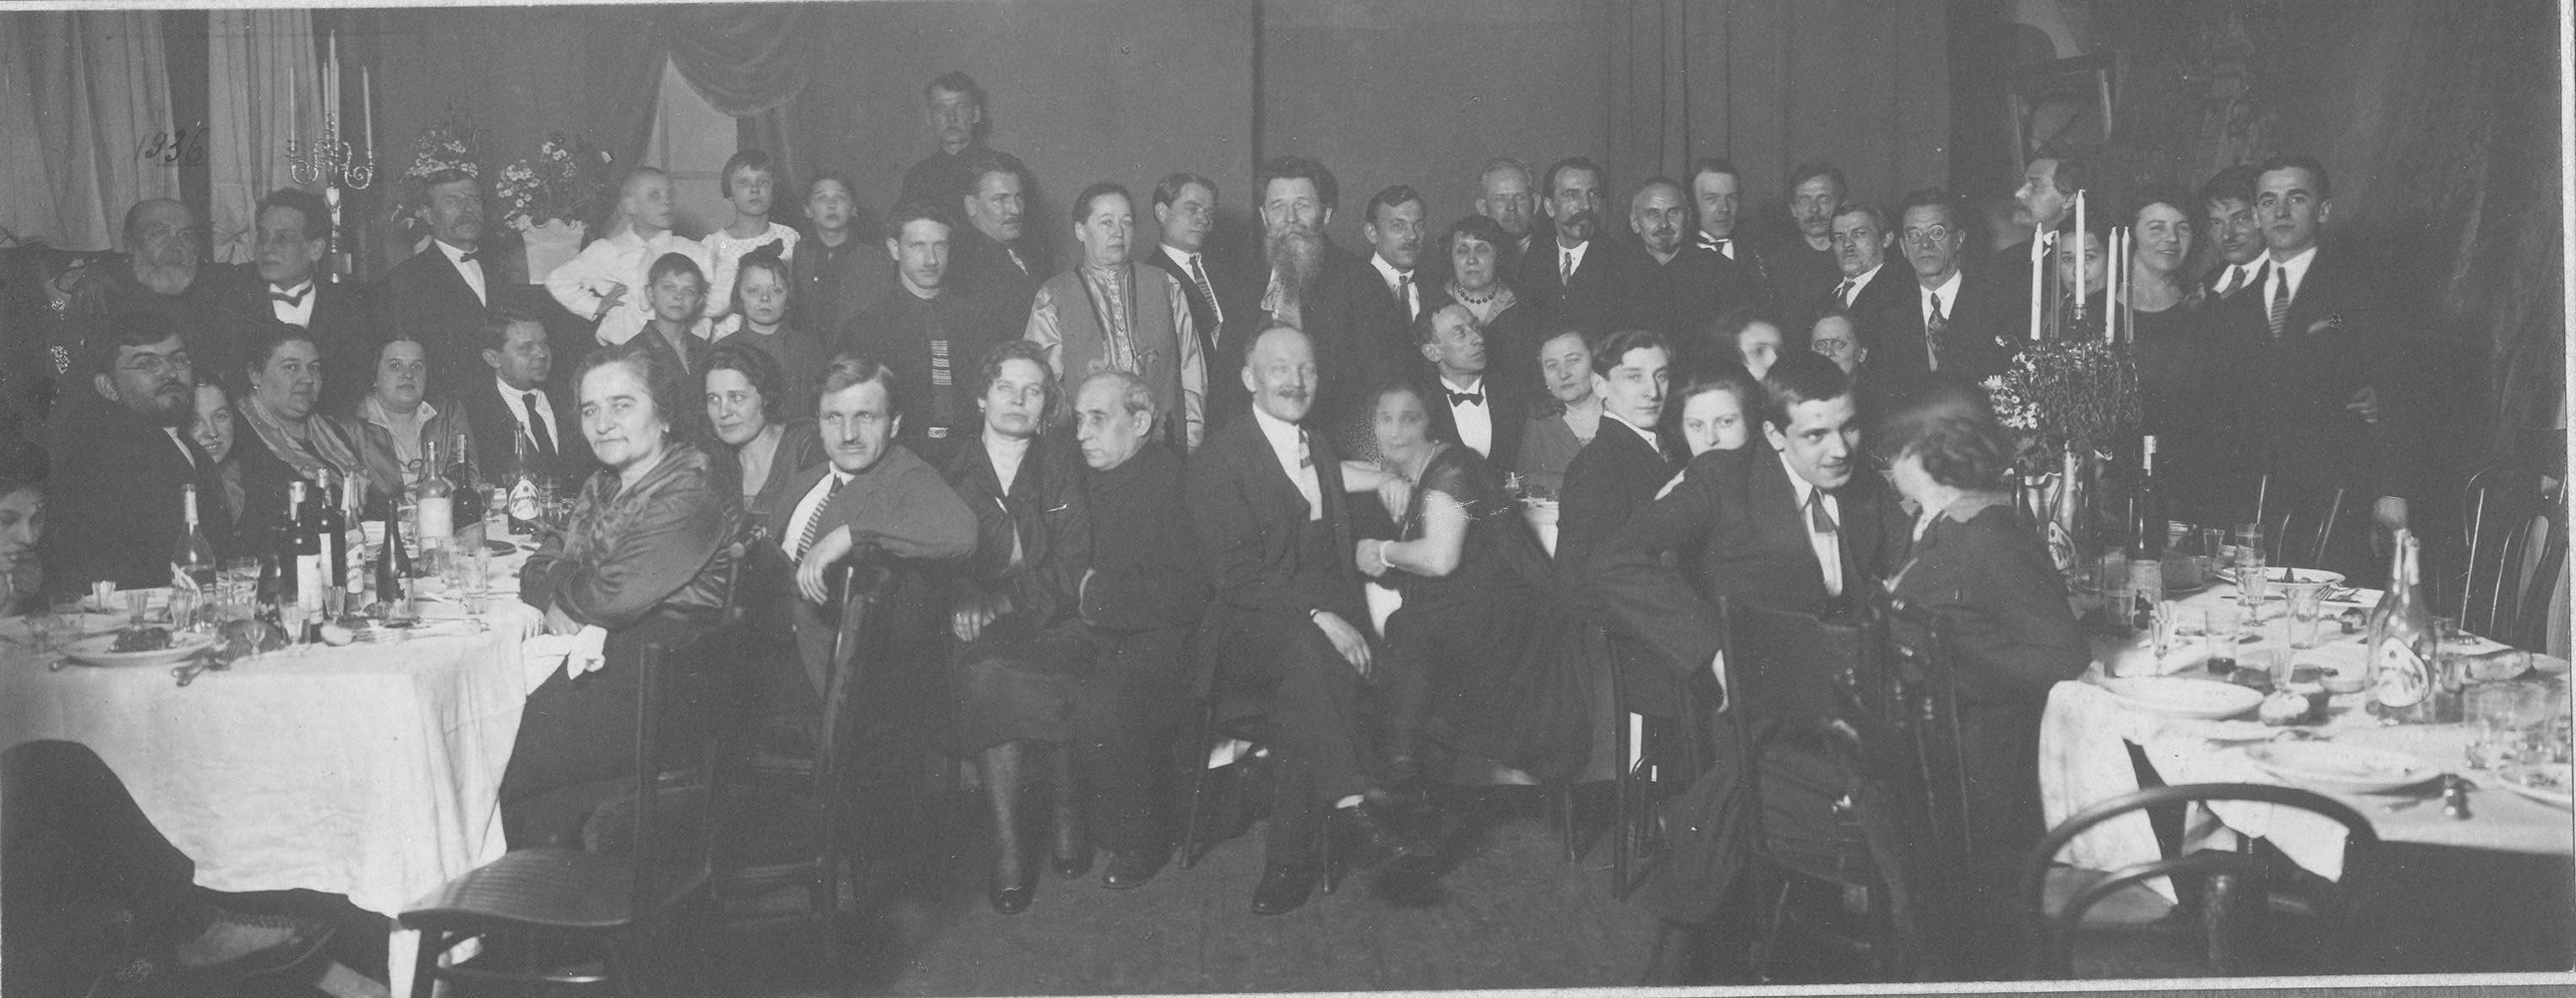 1928. Празднование 70-летия М. П. Дмитриева